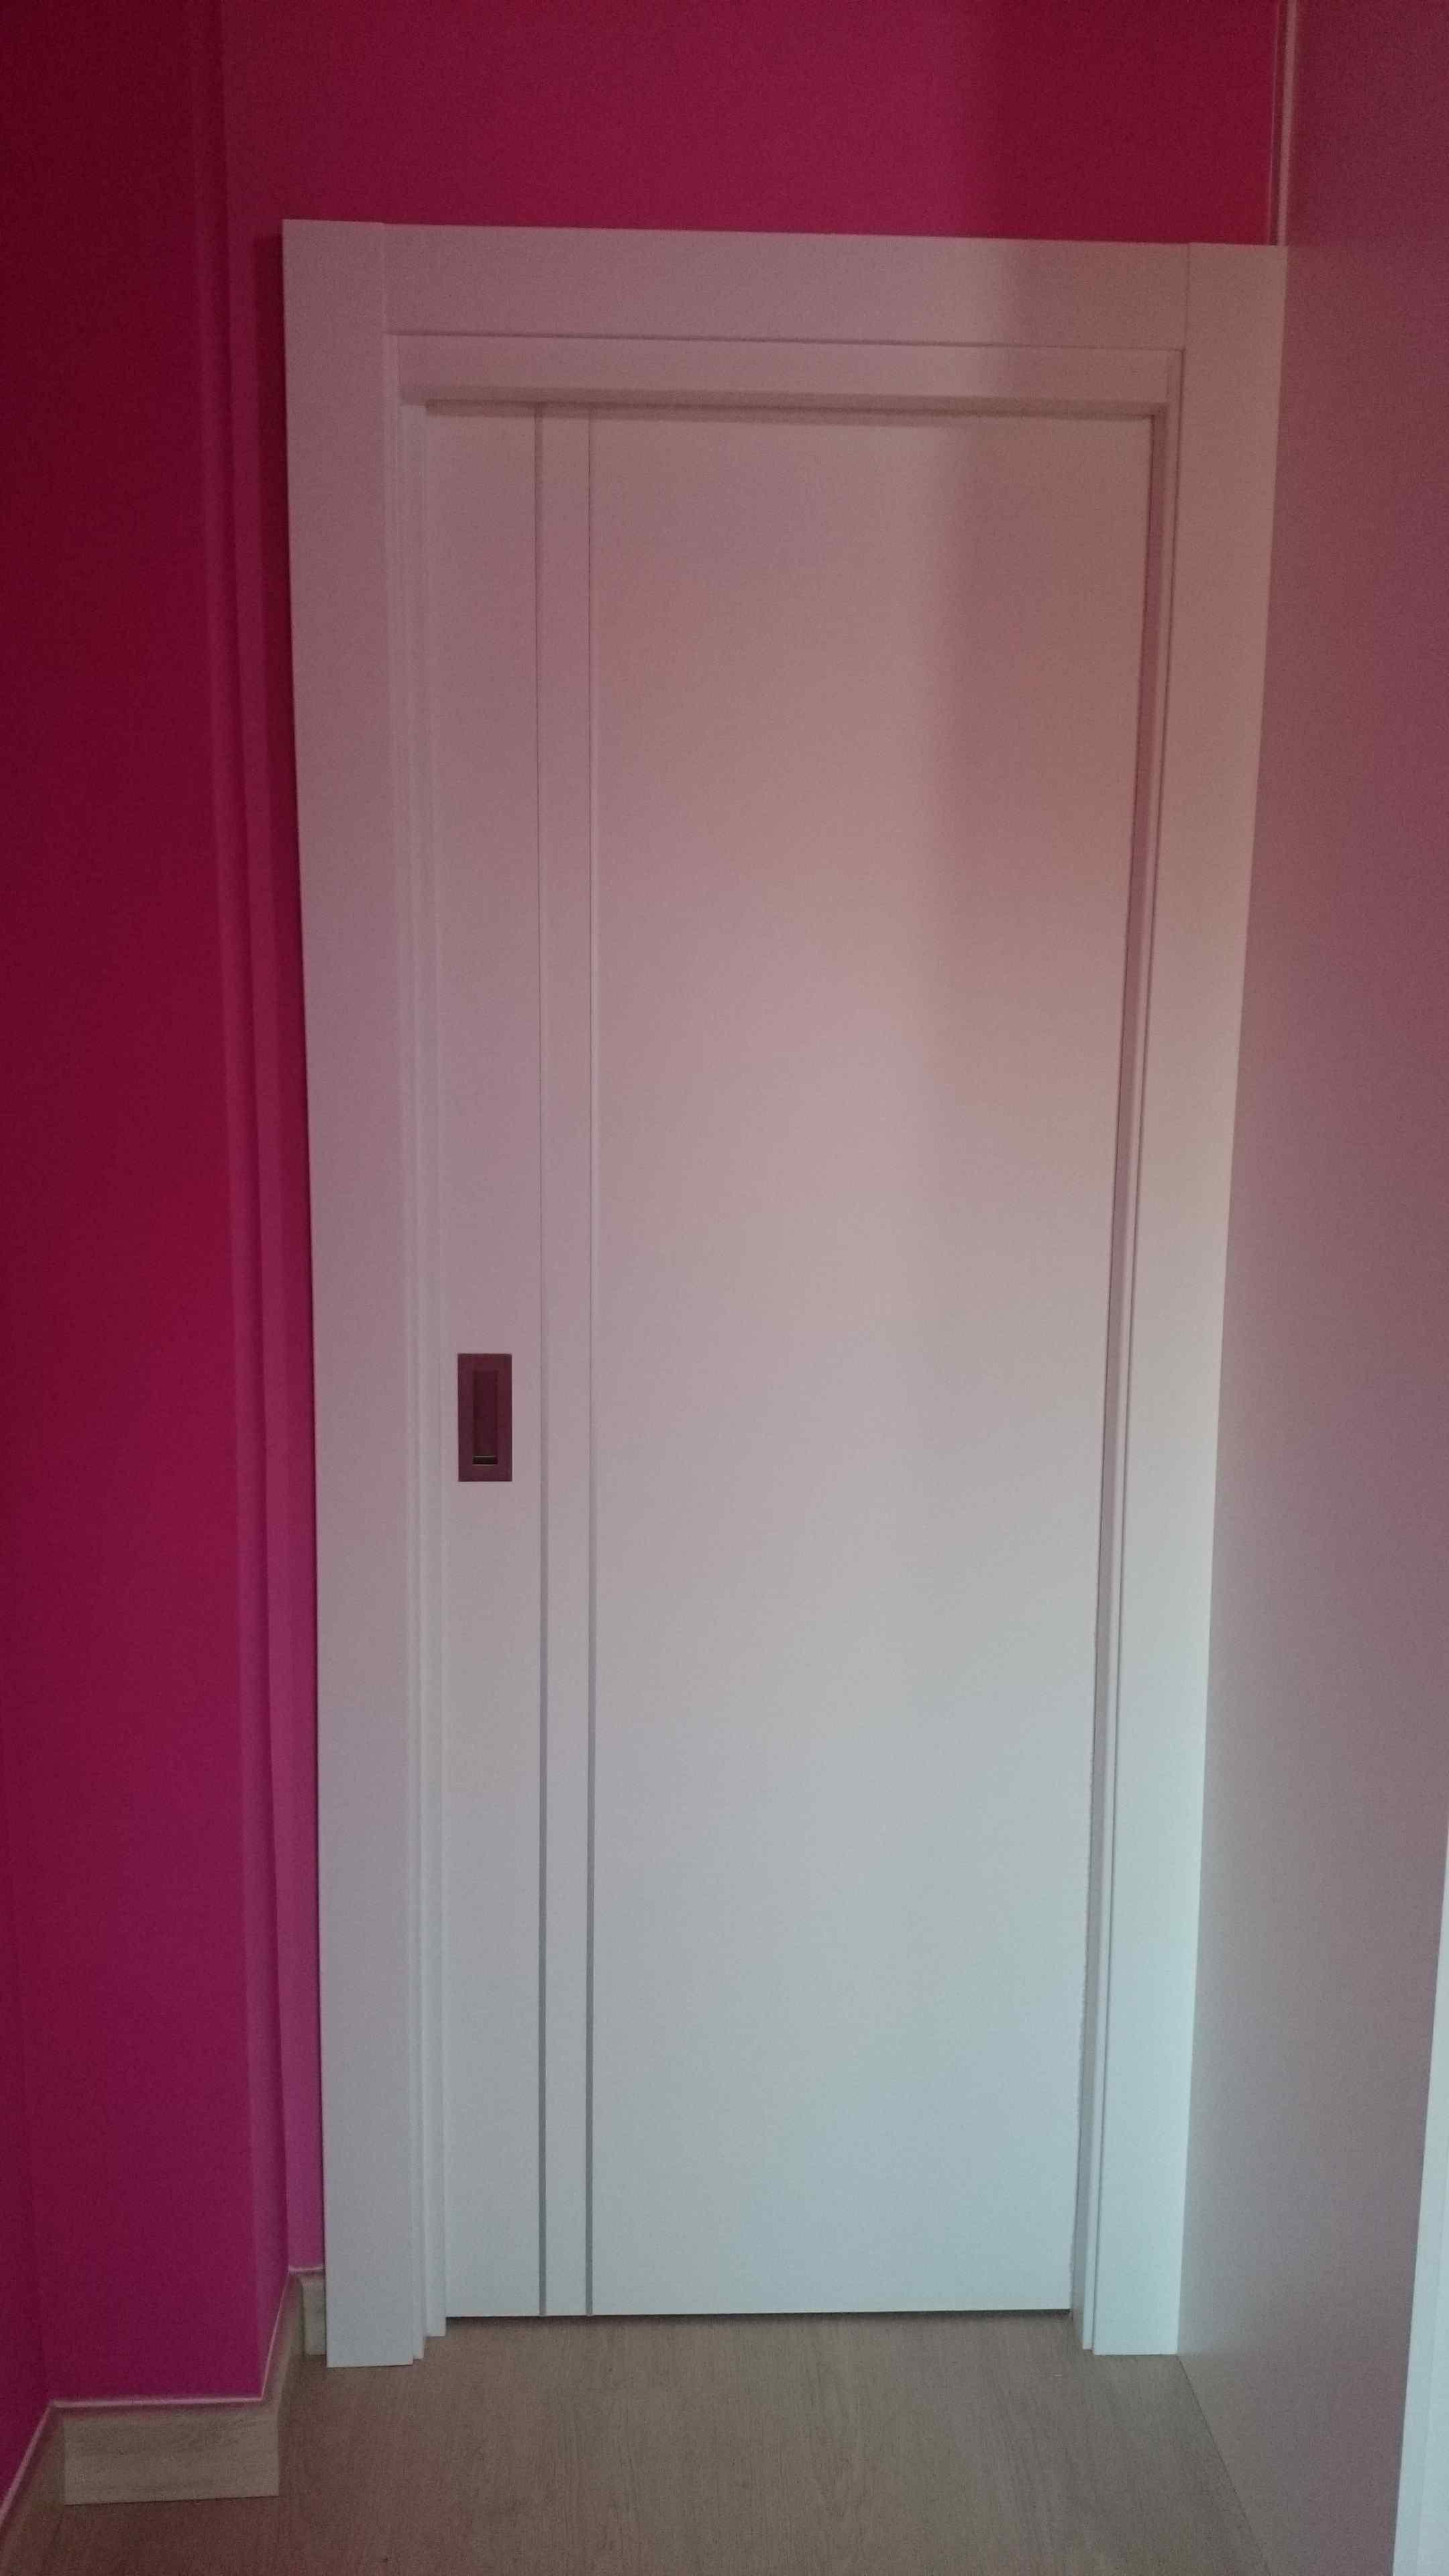 Puertas lacadas blancas puerta de interior blanca modelo - Puertas lacadas blancas precios ...